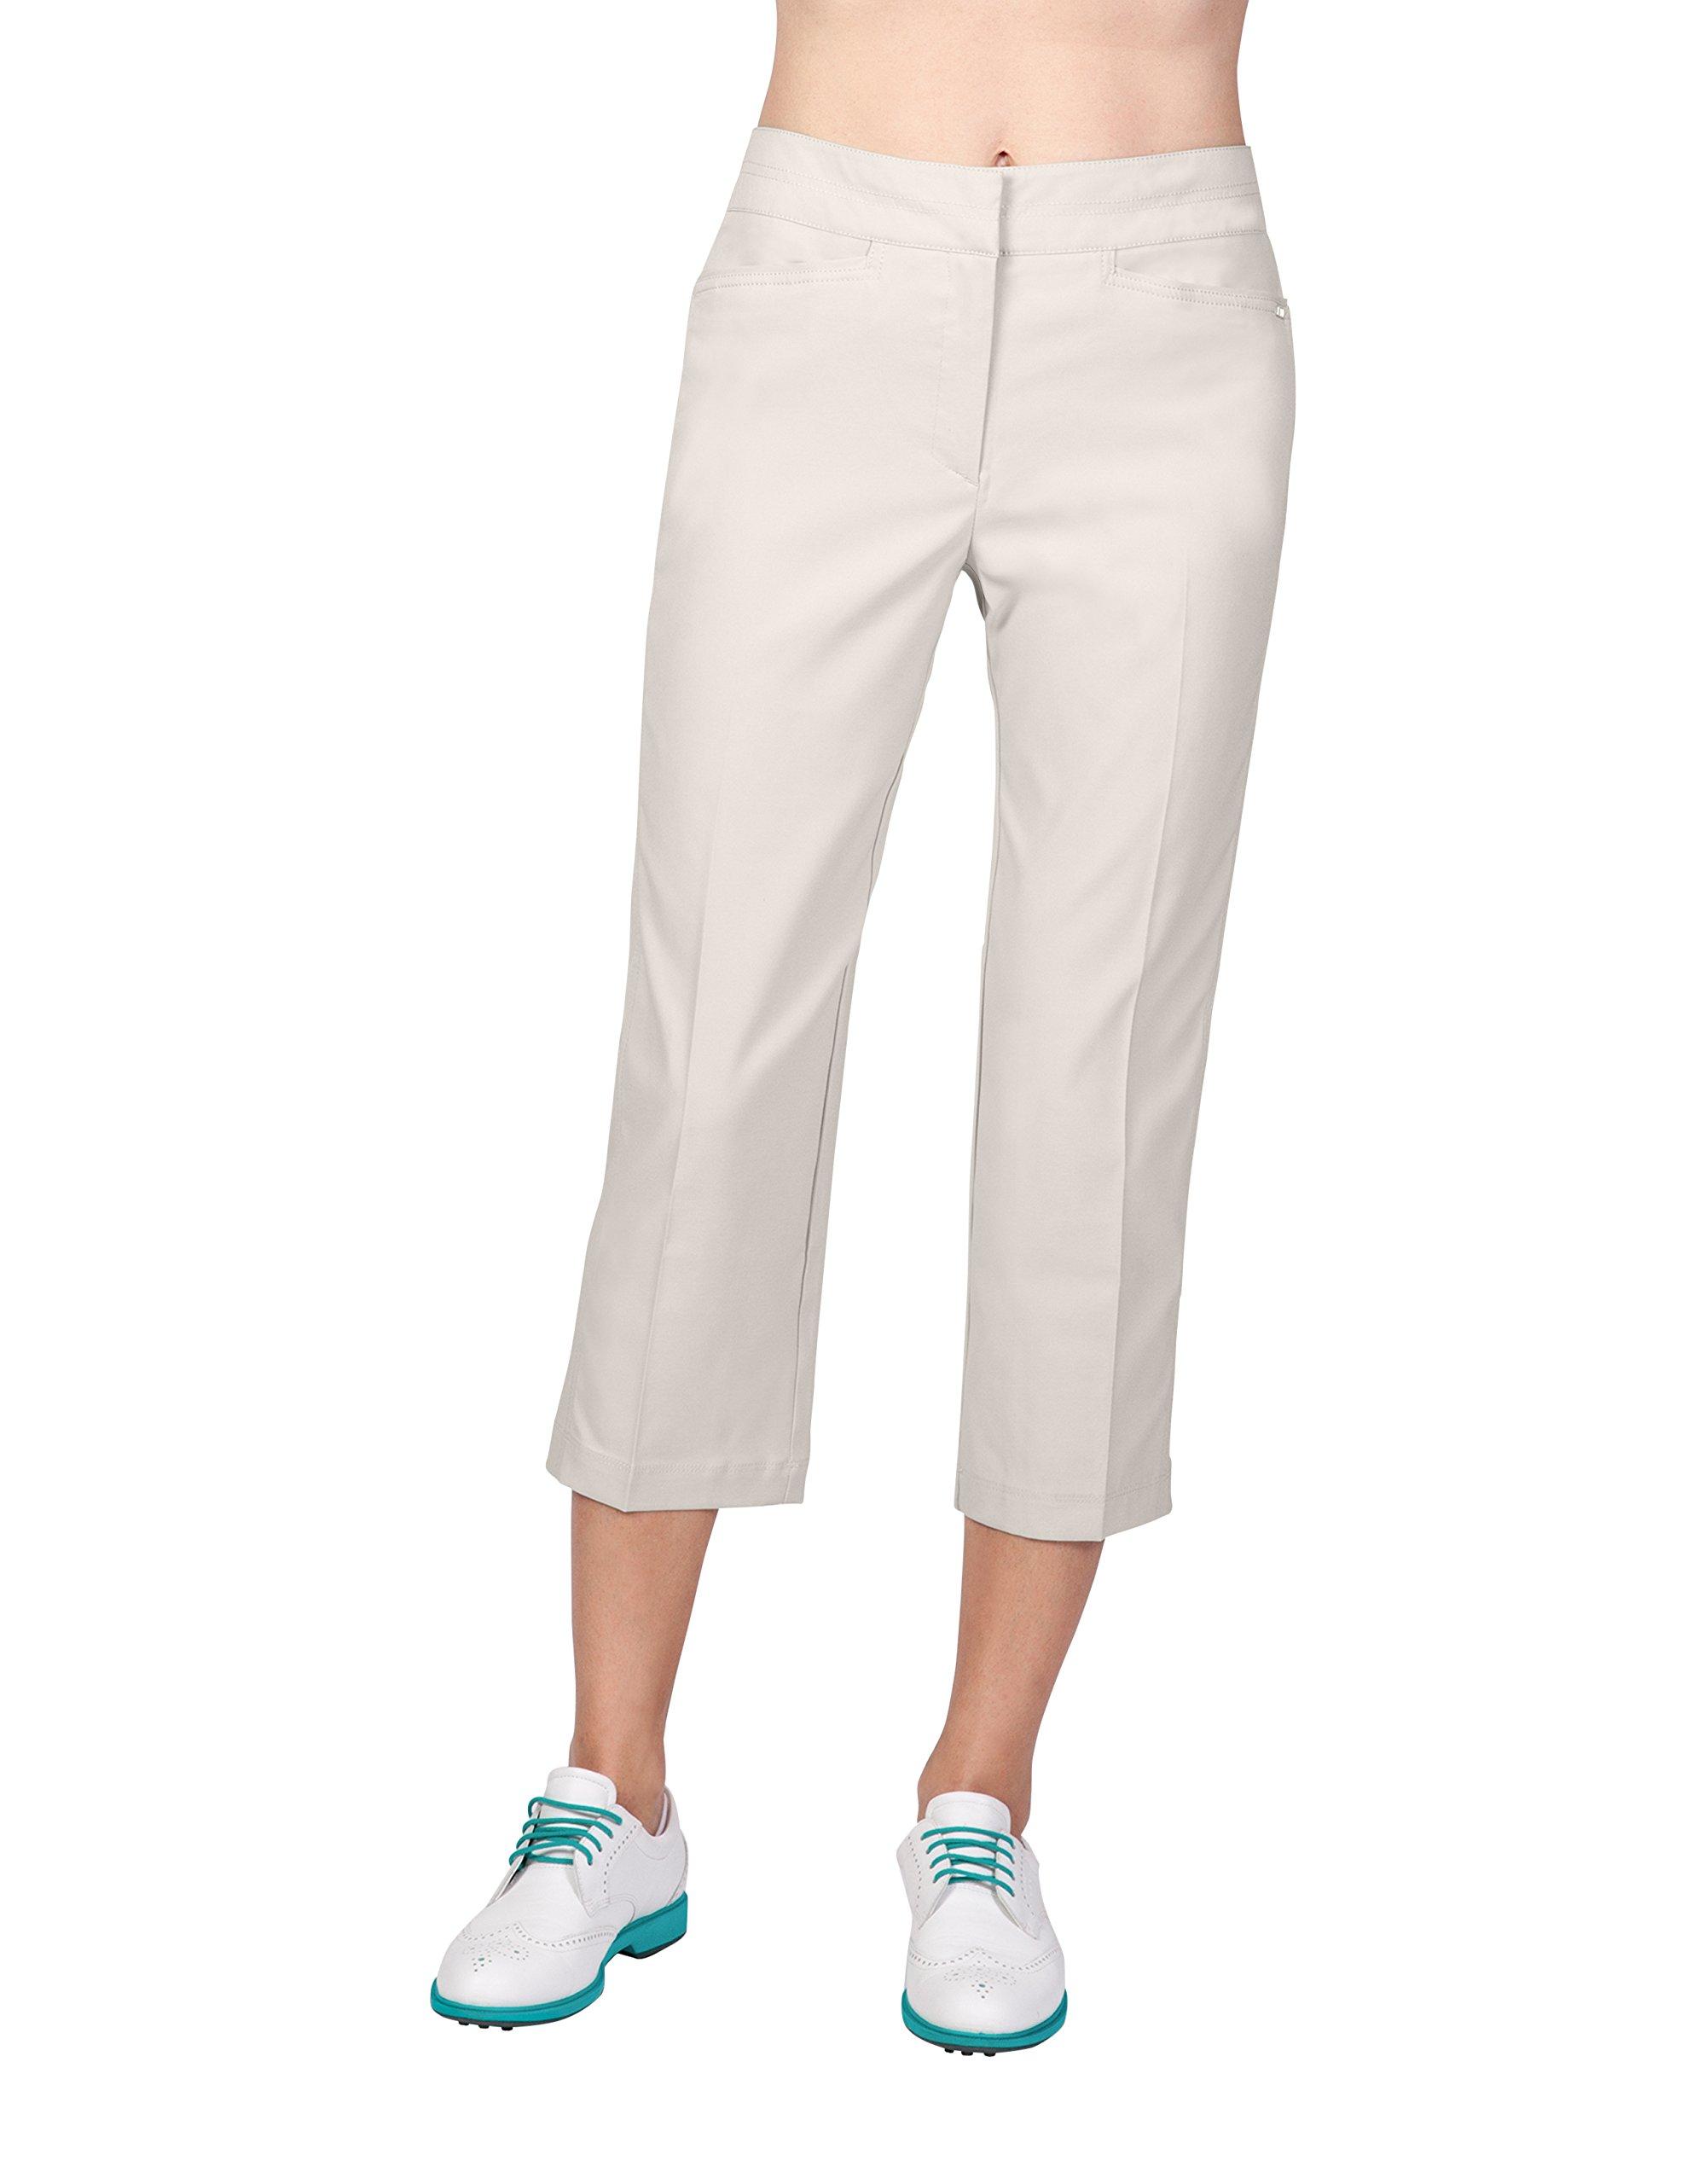 Tail Activewear Women's Classic Capri 14 Chino